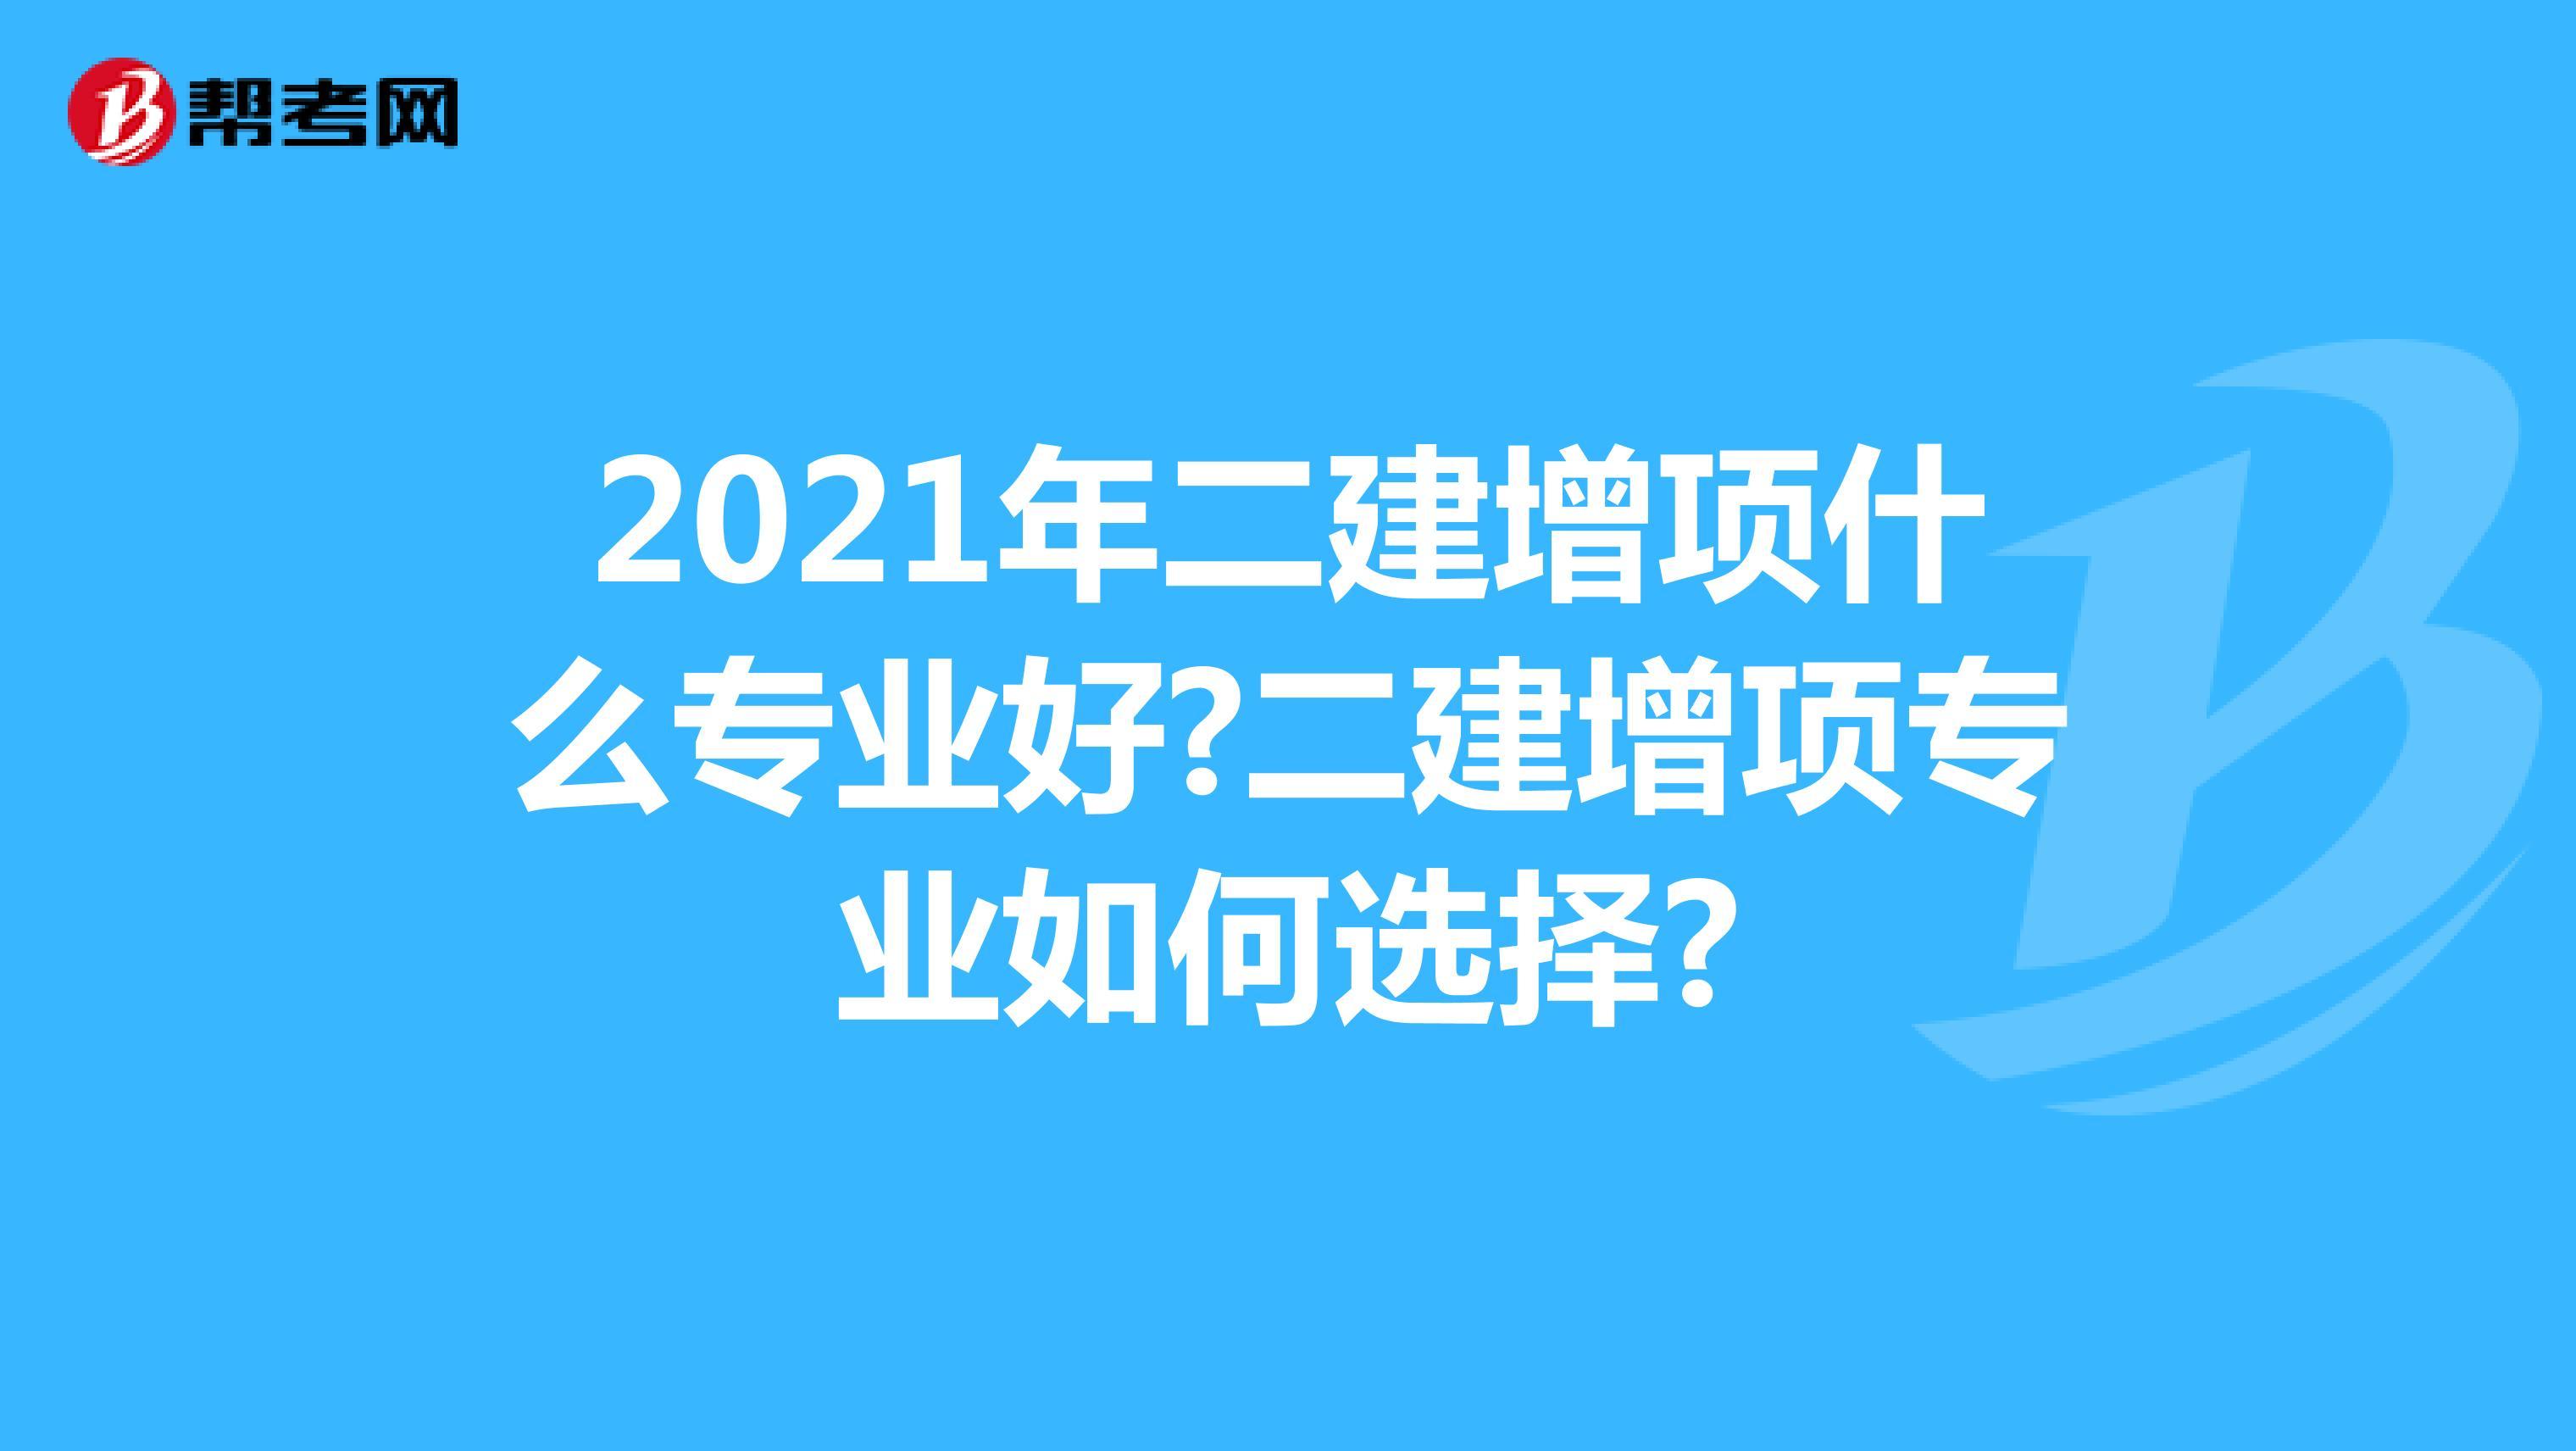 2021年二建增项什么专业好?二建增项专业如何选择?